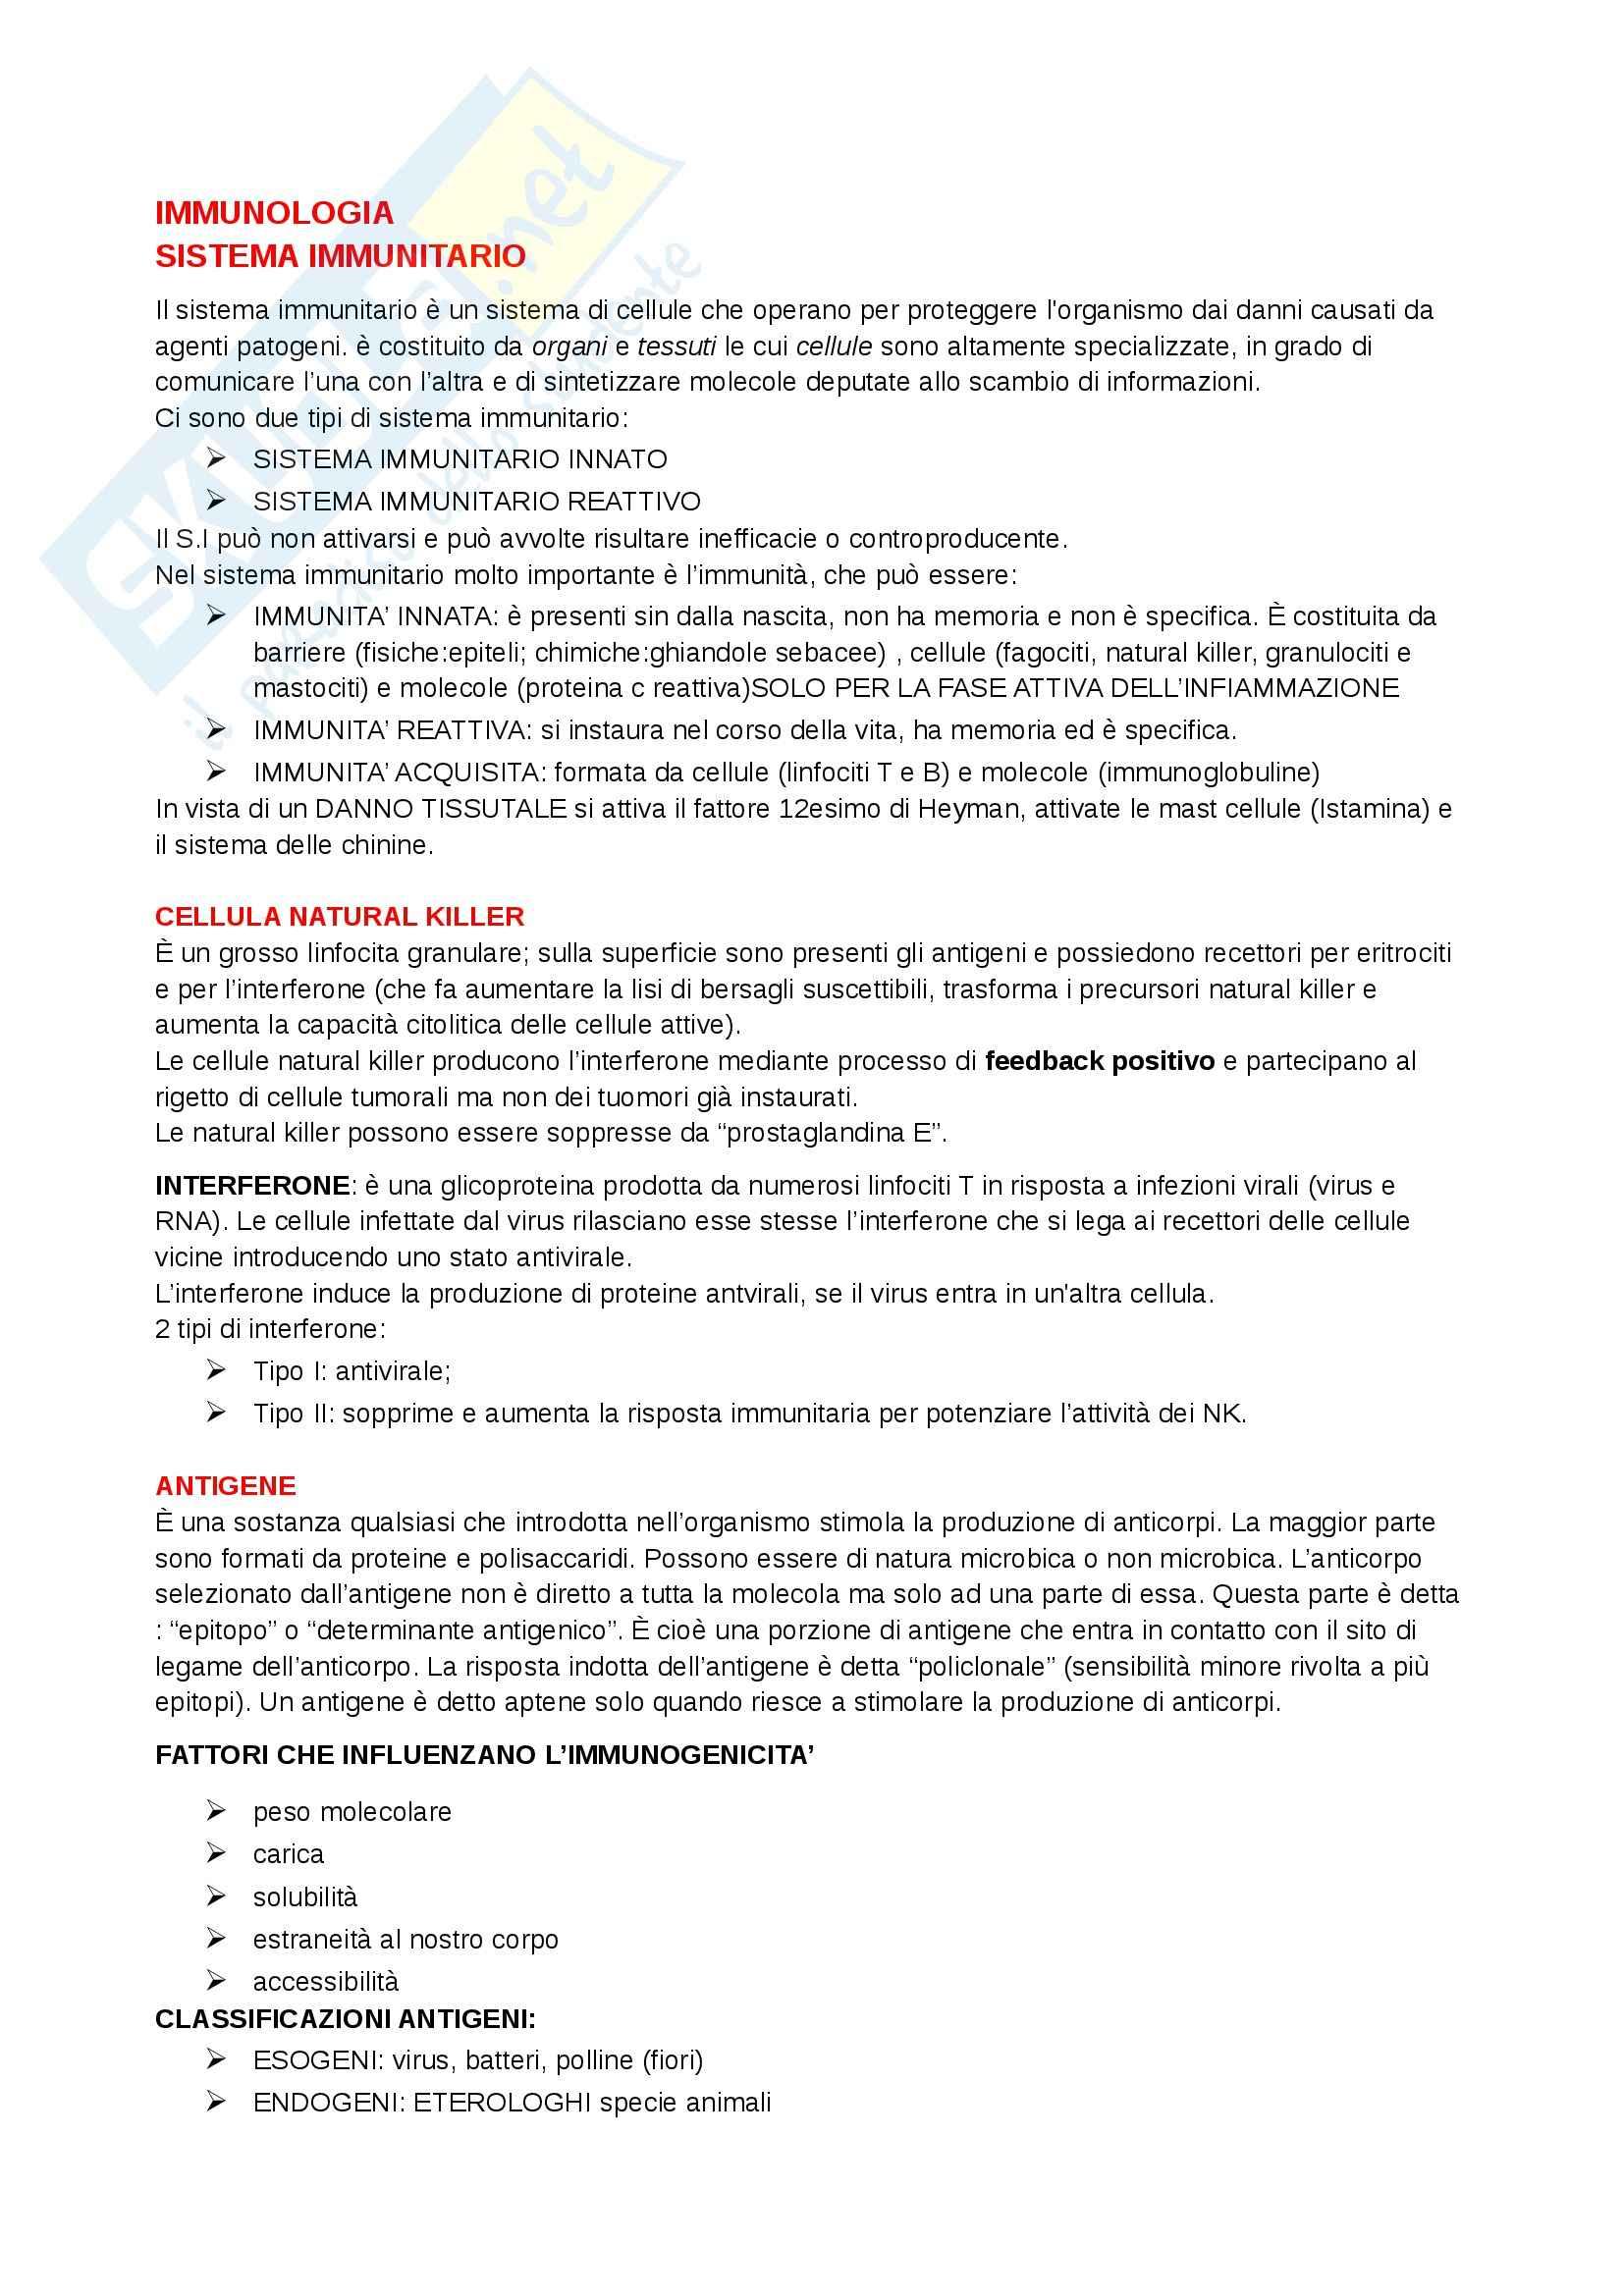 Patologia generale e fisiopatologia - immunologia